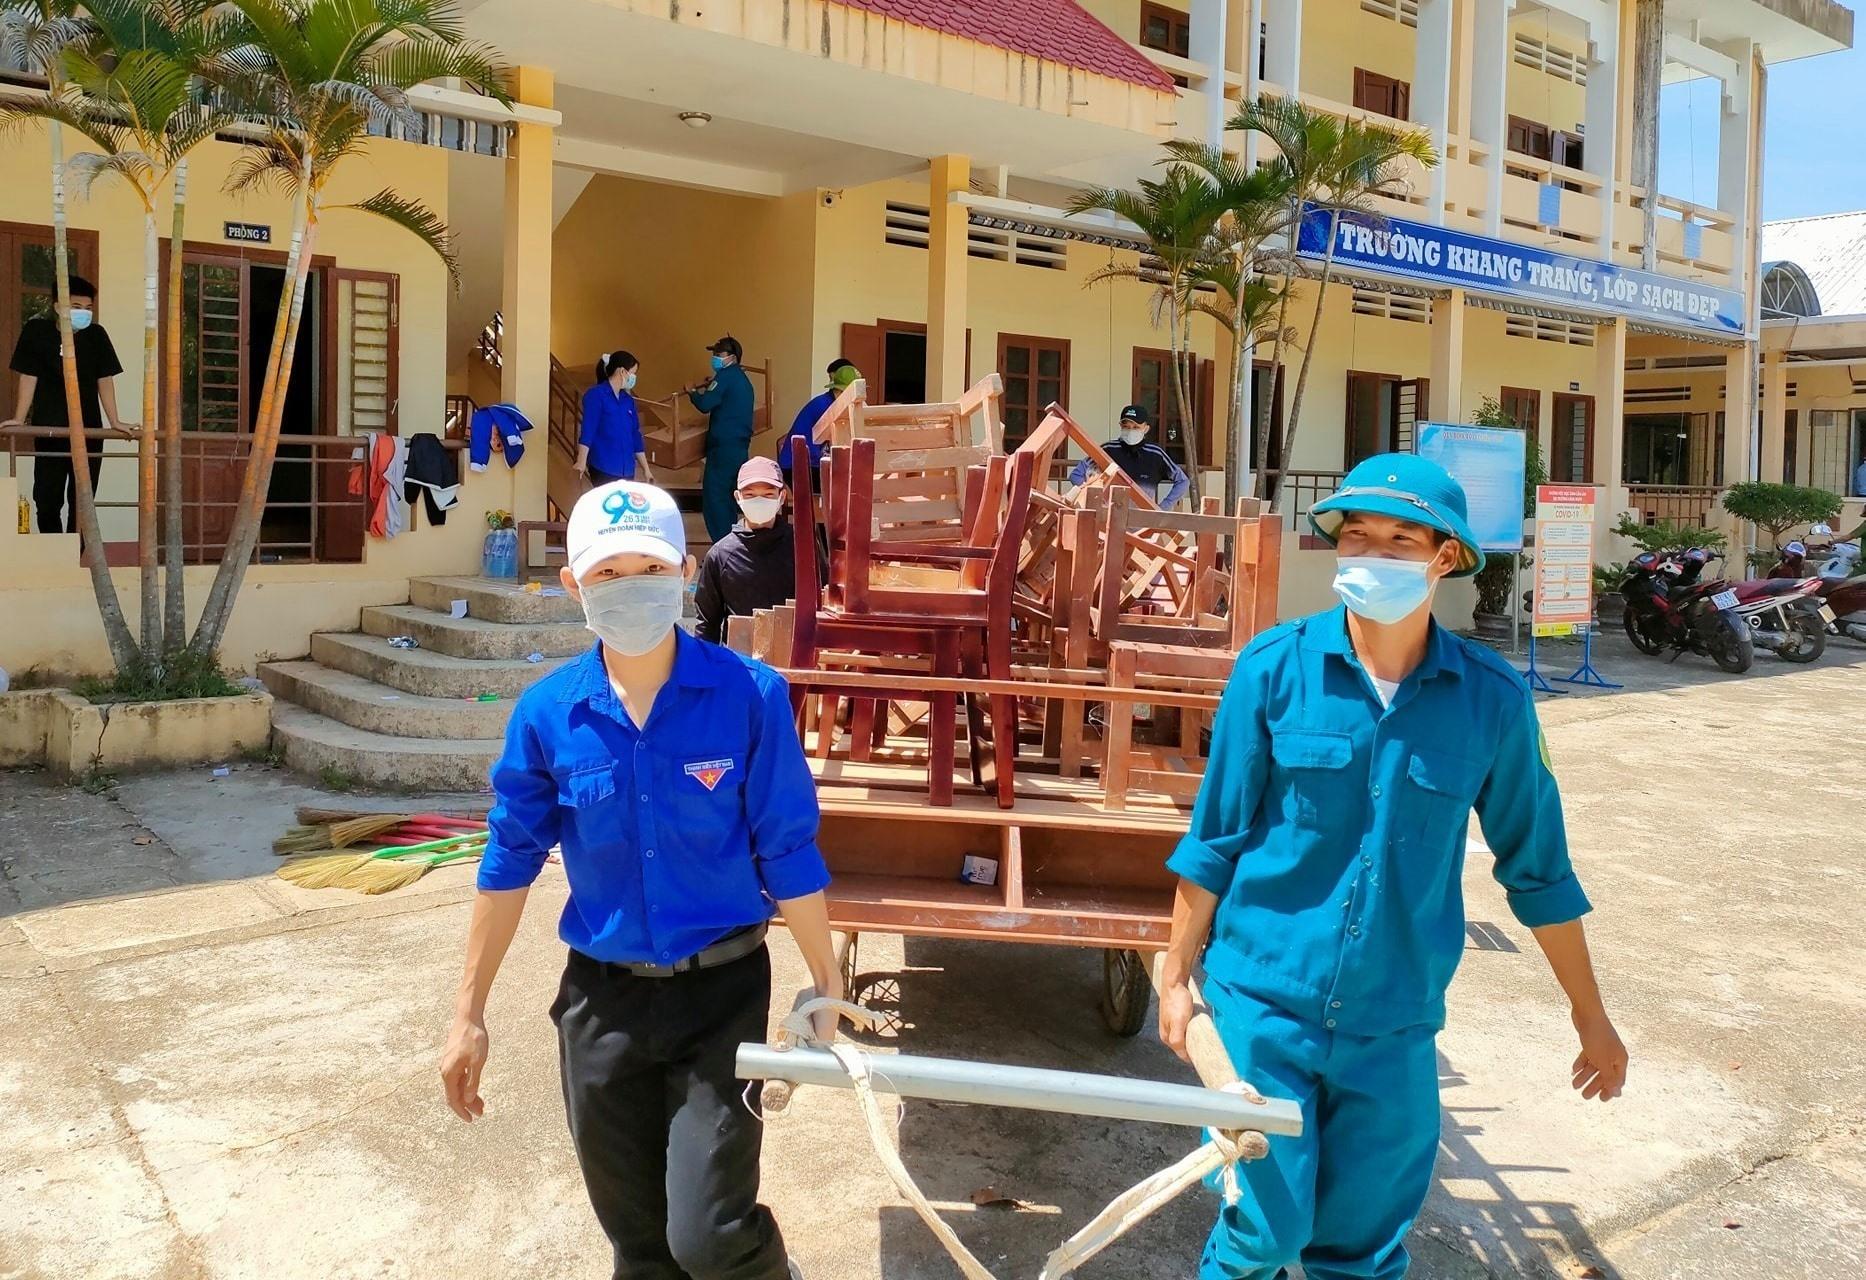 Lực lượng thanh niên hỗ trợ địa phương thành lập khu cách ly tập trung tại Trường Tiểu học và THCS Nguyễn Trãi (xã Bình Sơn). Ảnh: Tuổi trẻ Hiệp Đức